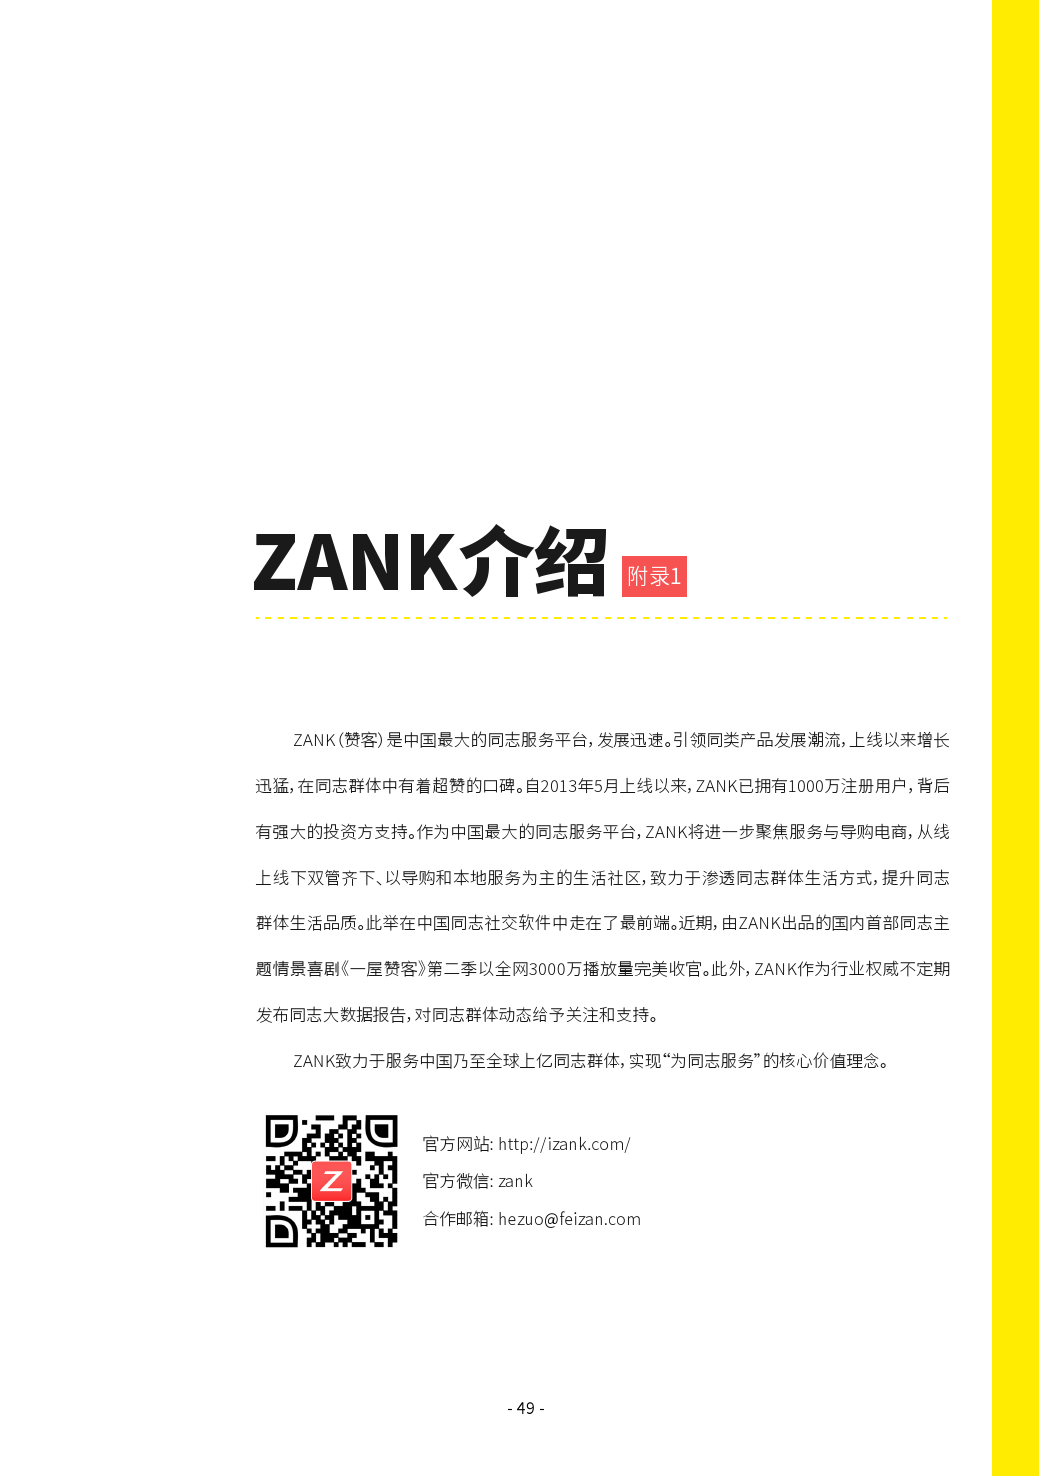 第二届中国LGBT群体消费调查报告_000049